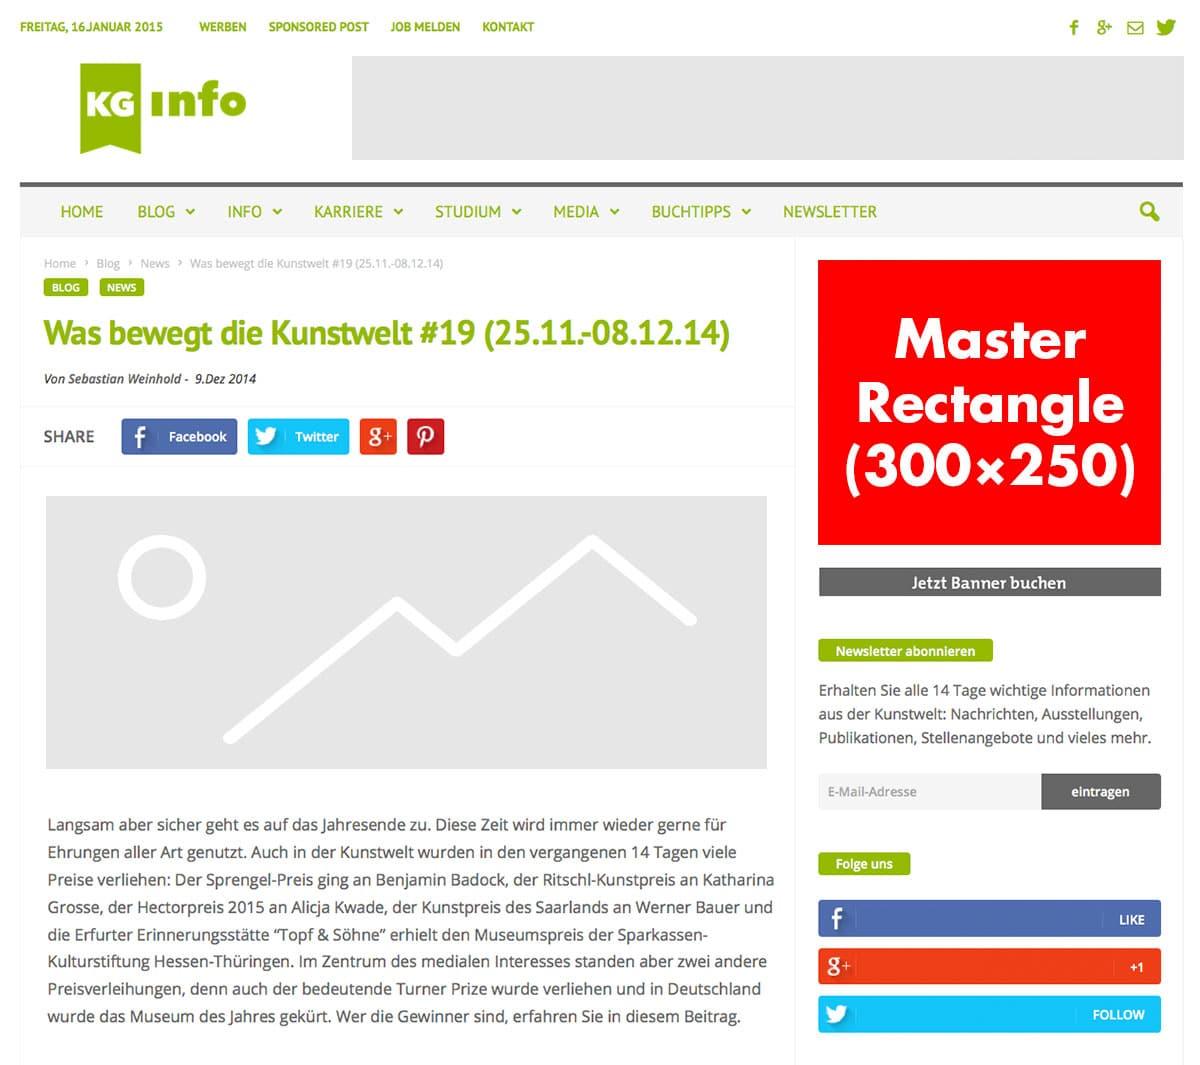 Werbung auf kunstgeschichte.info - Master Rectangle (300x250)